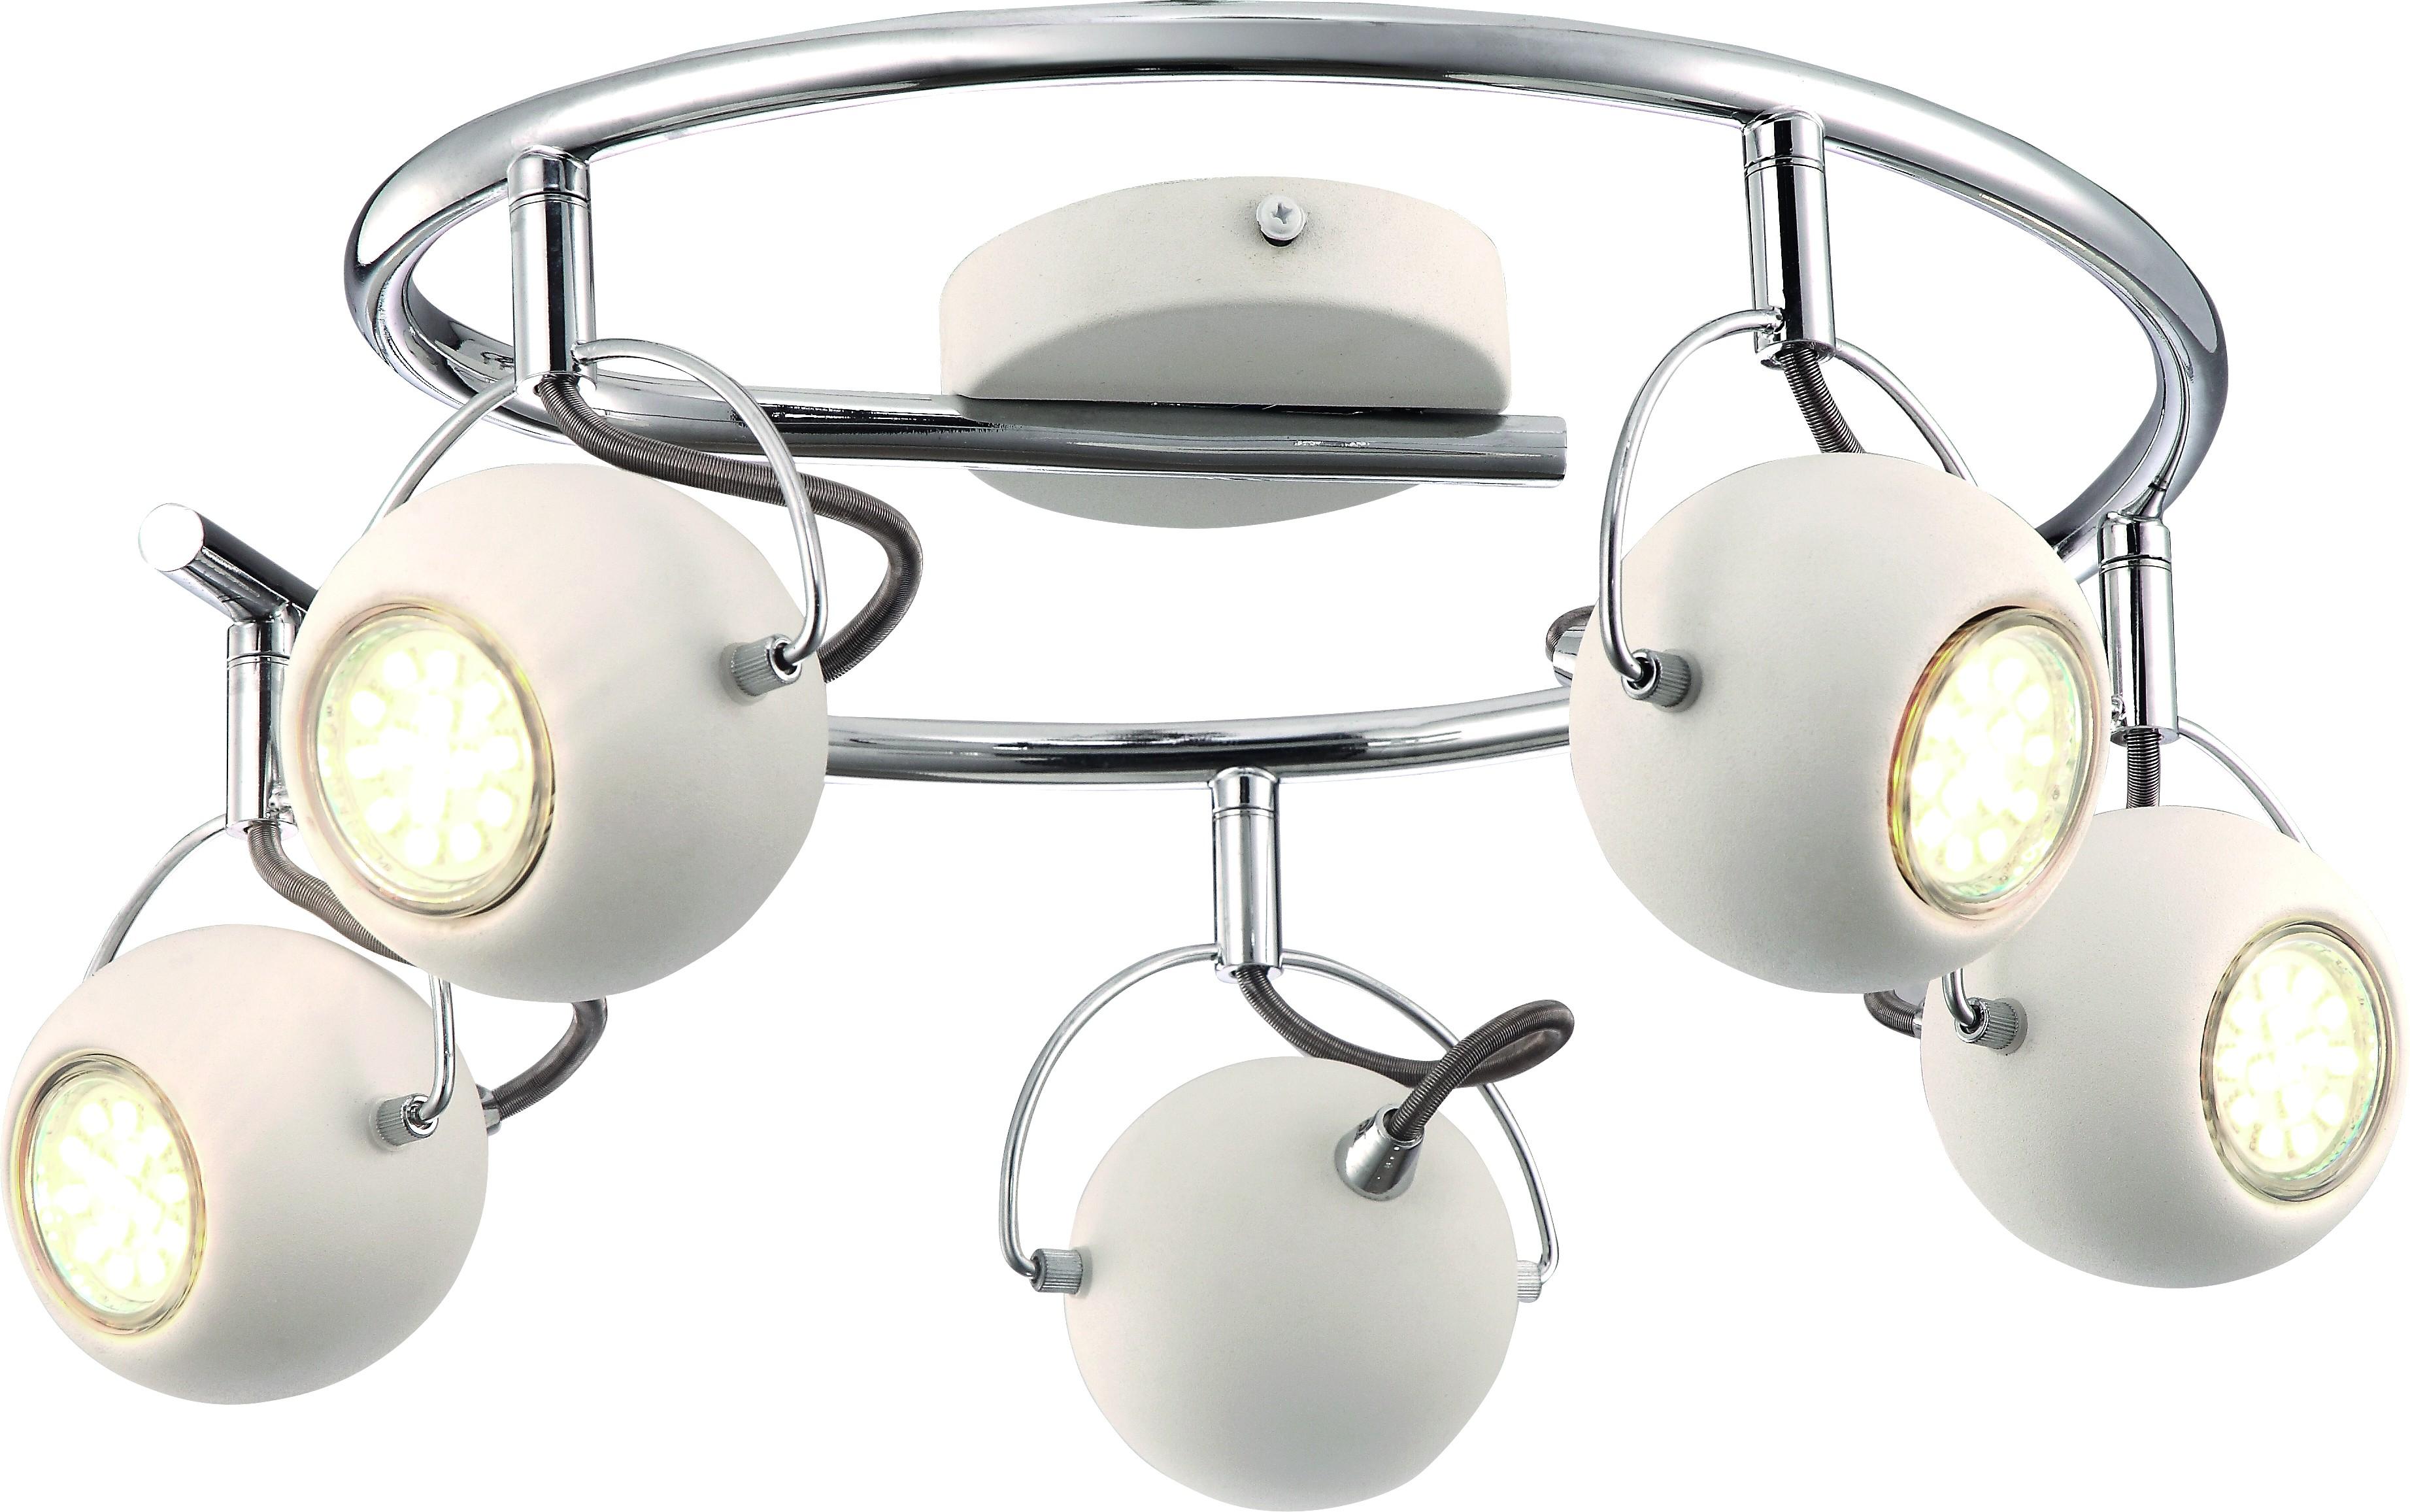 купить Спот Arte lamp A9128pl-5wh по цене 6470 рублей